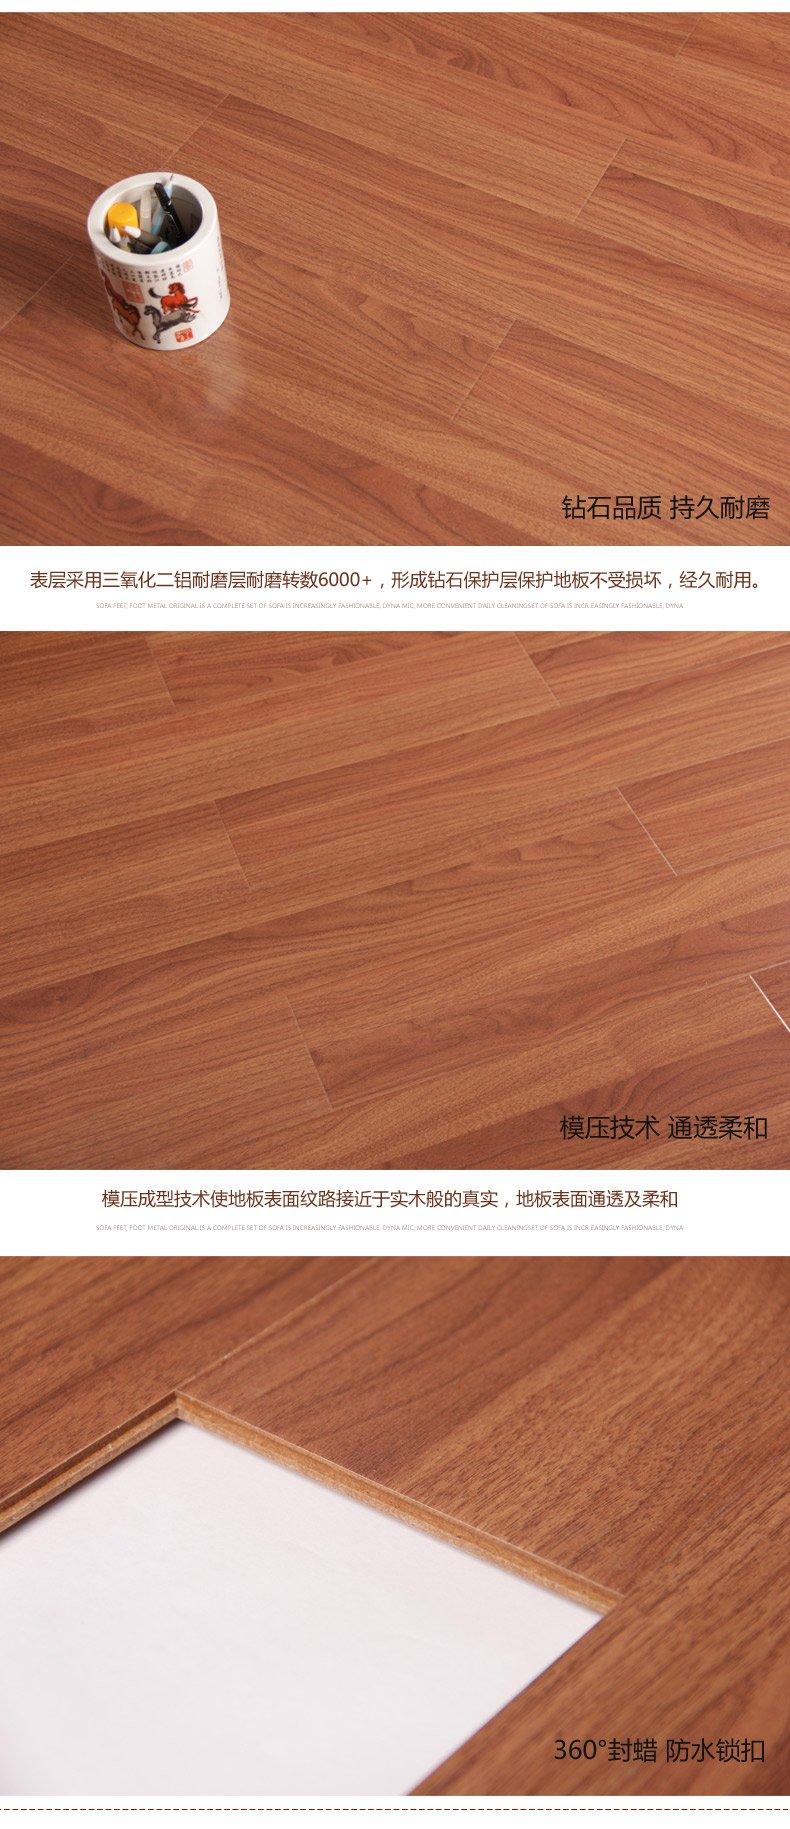 环保E1大亚基材强化地板图片 仿实木RC-QH61